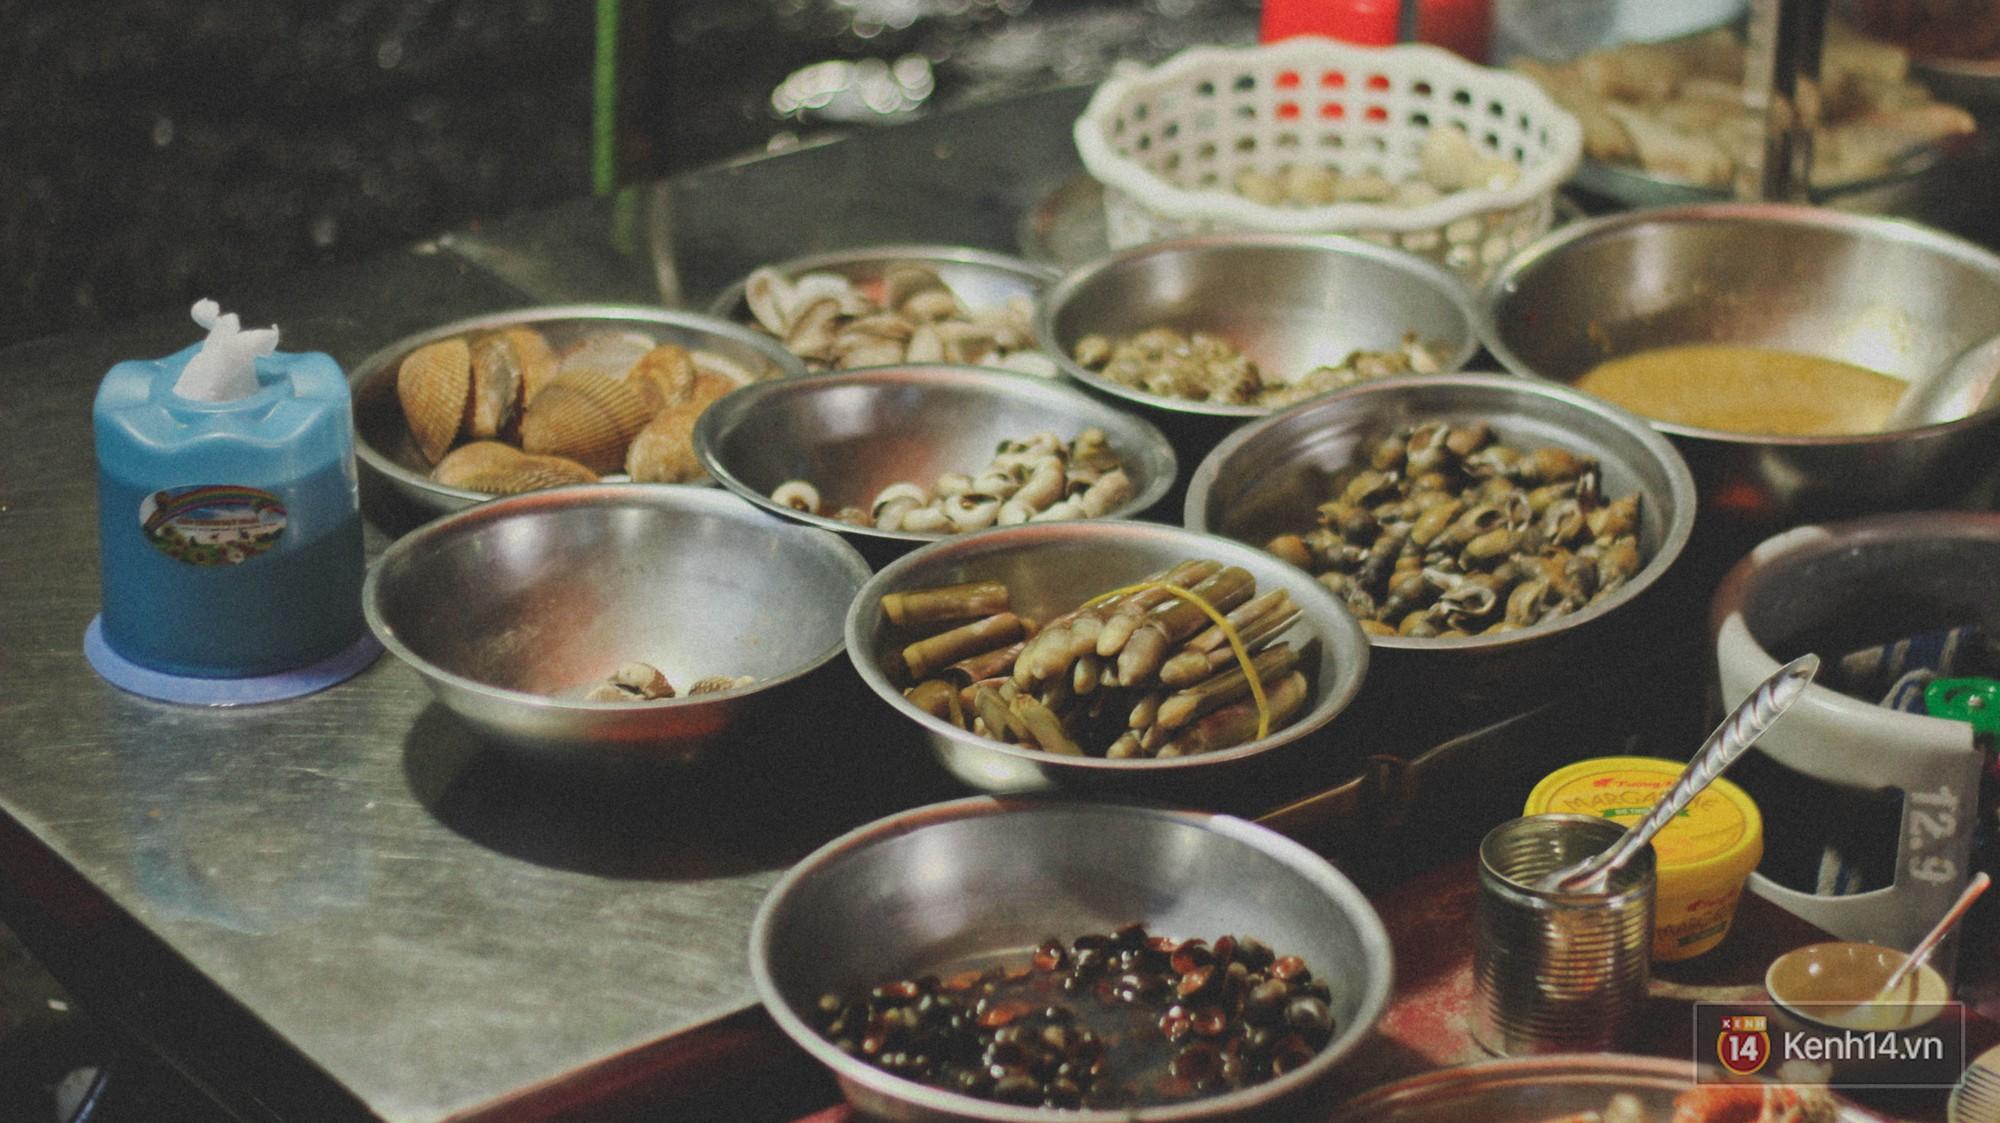 Lang thang khu chợ chiều nhộn nhịp giữa lòng Sài Gòn với hàng loạt món ngon chỉ từ 5k - Ảnh 6.